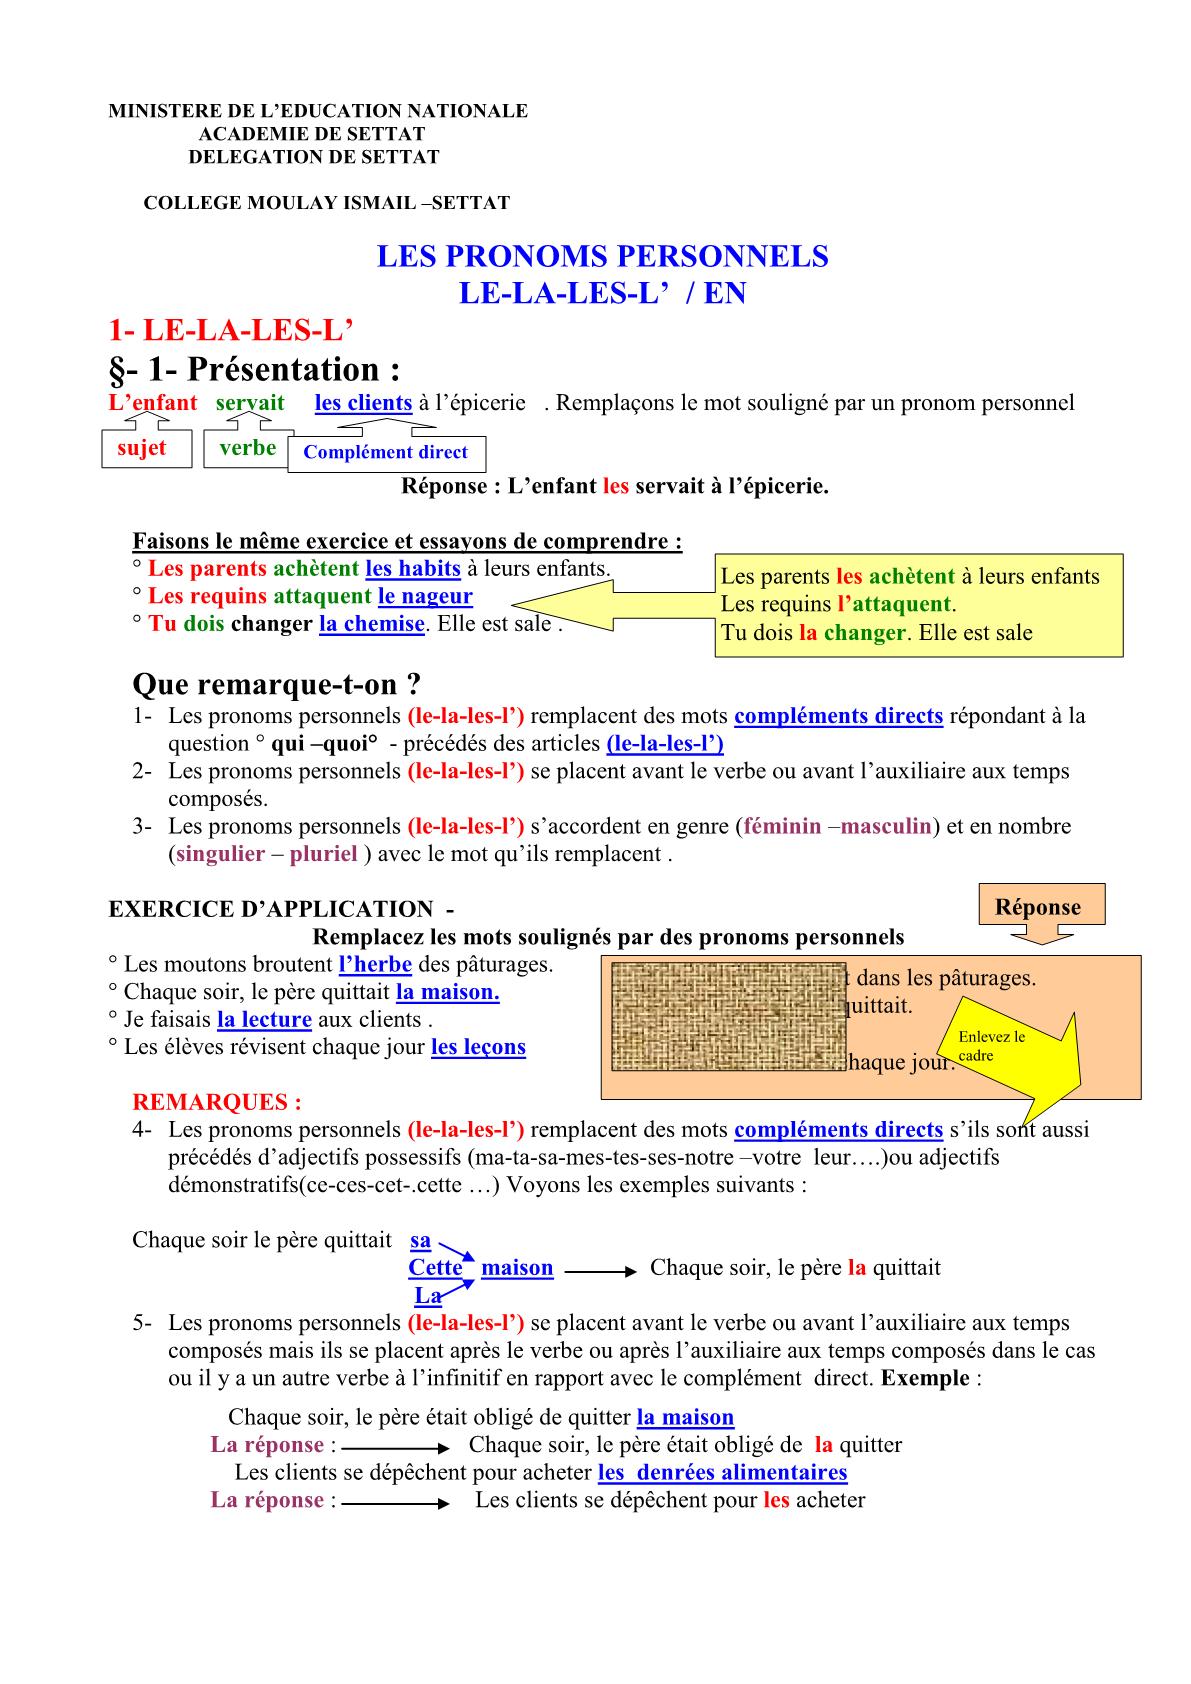 درس Les pronoms personnels مادة الفرنسية الثانية اعدادي